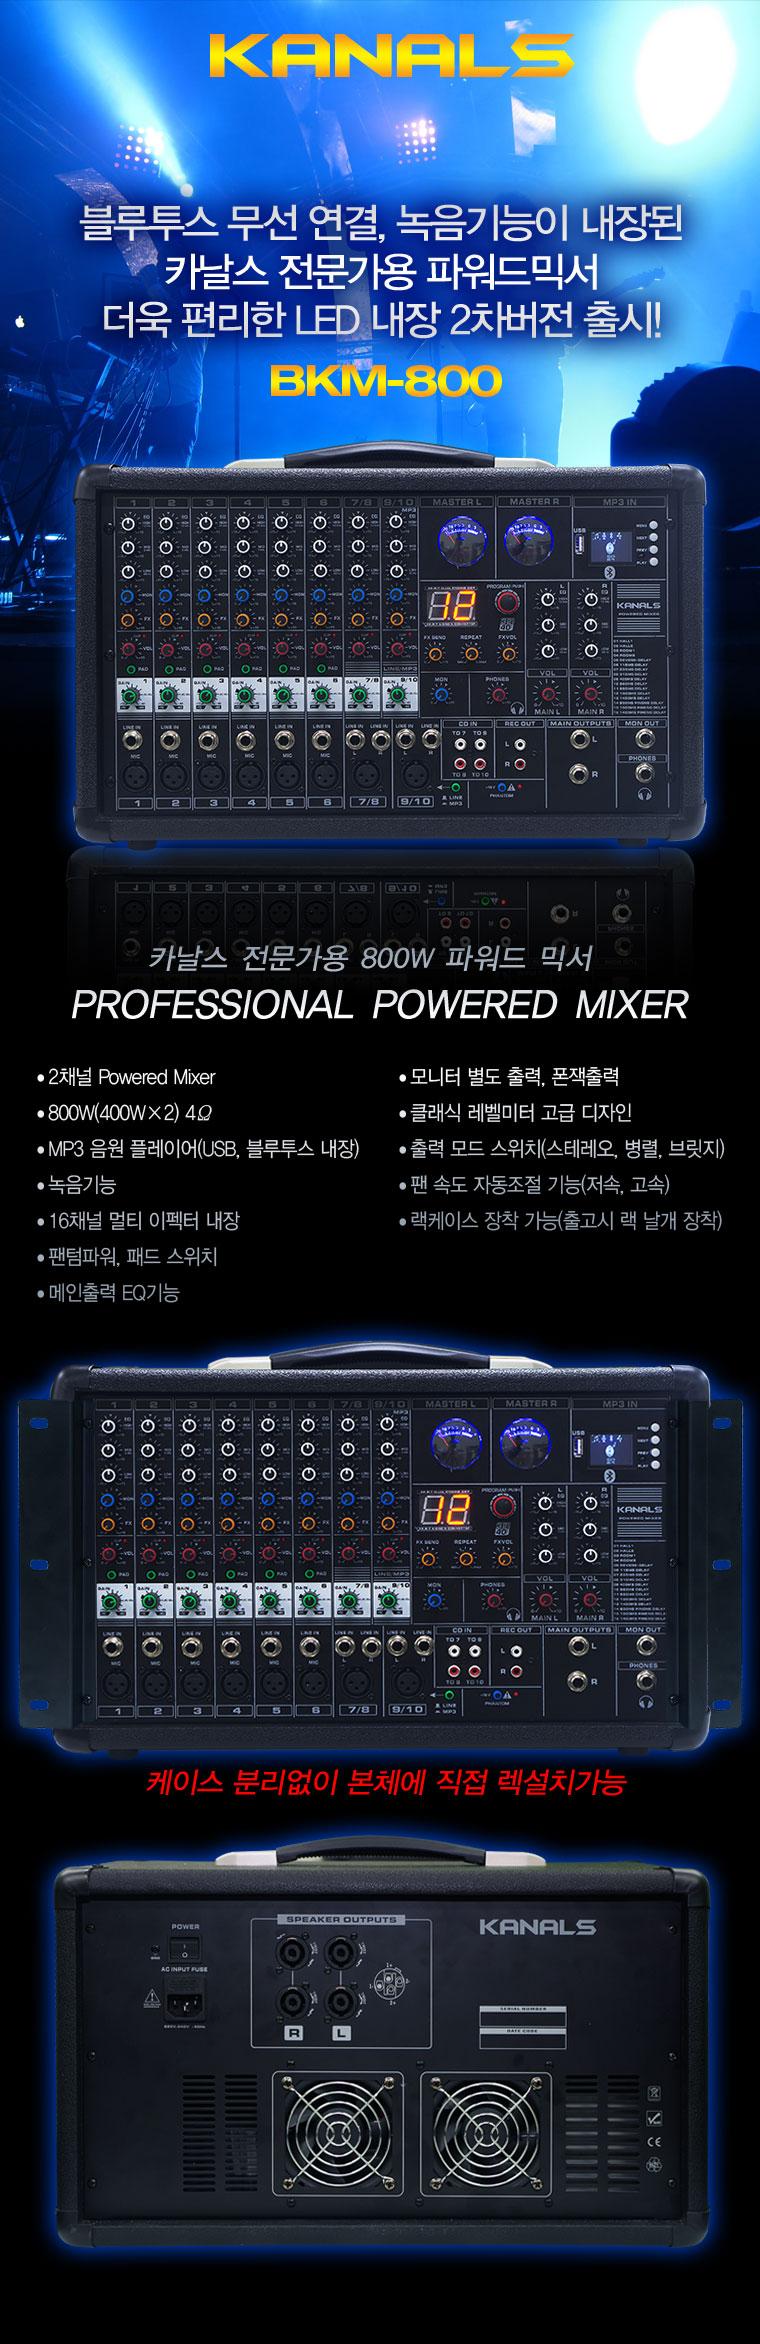 BKM-80-1 change.jpg